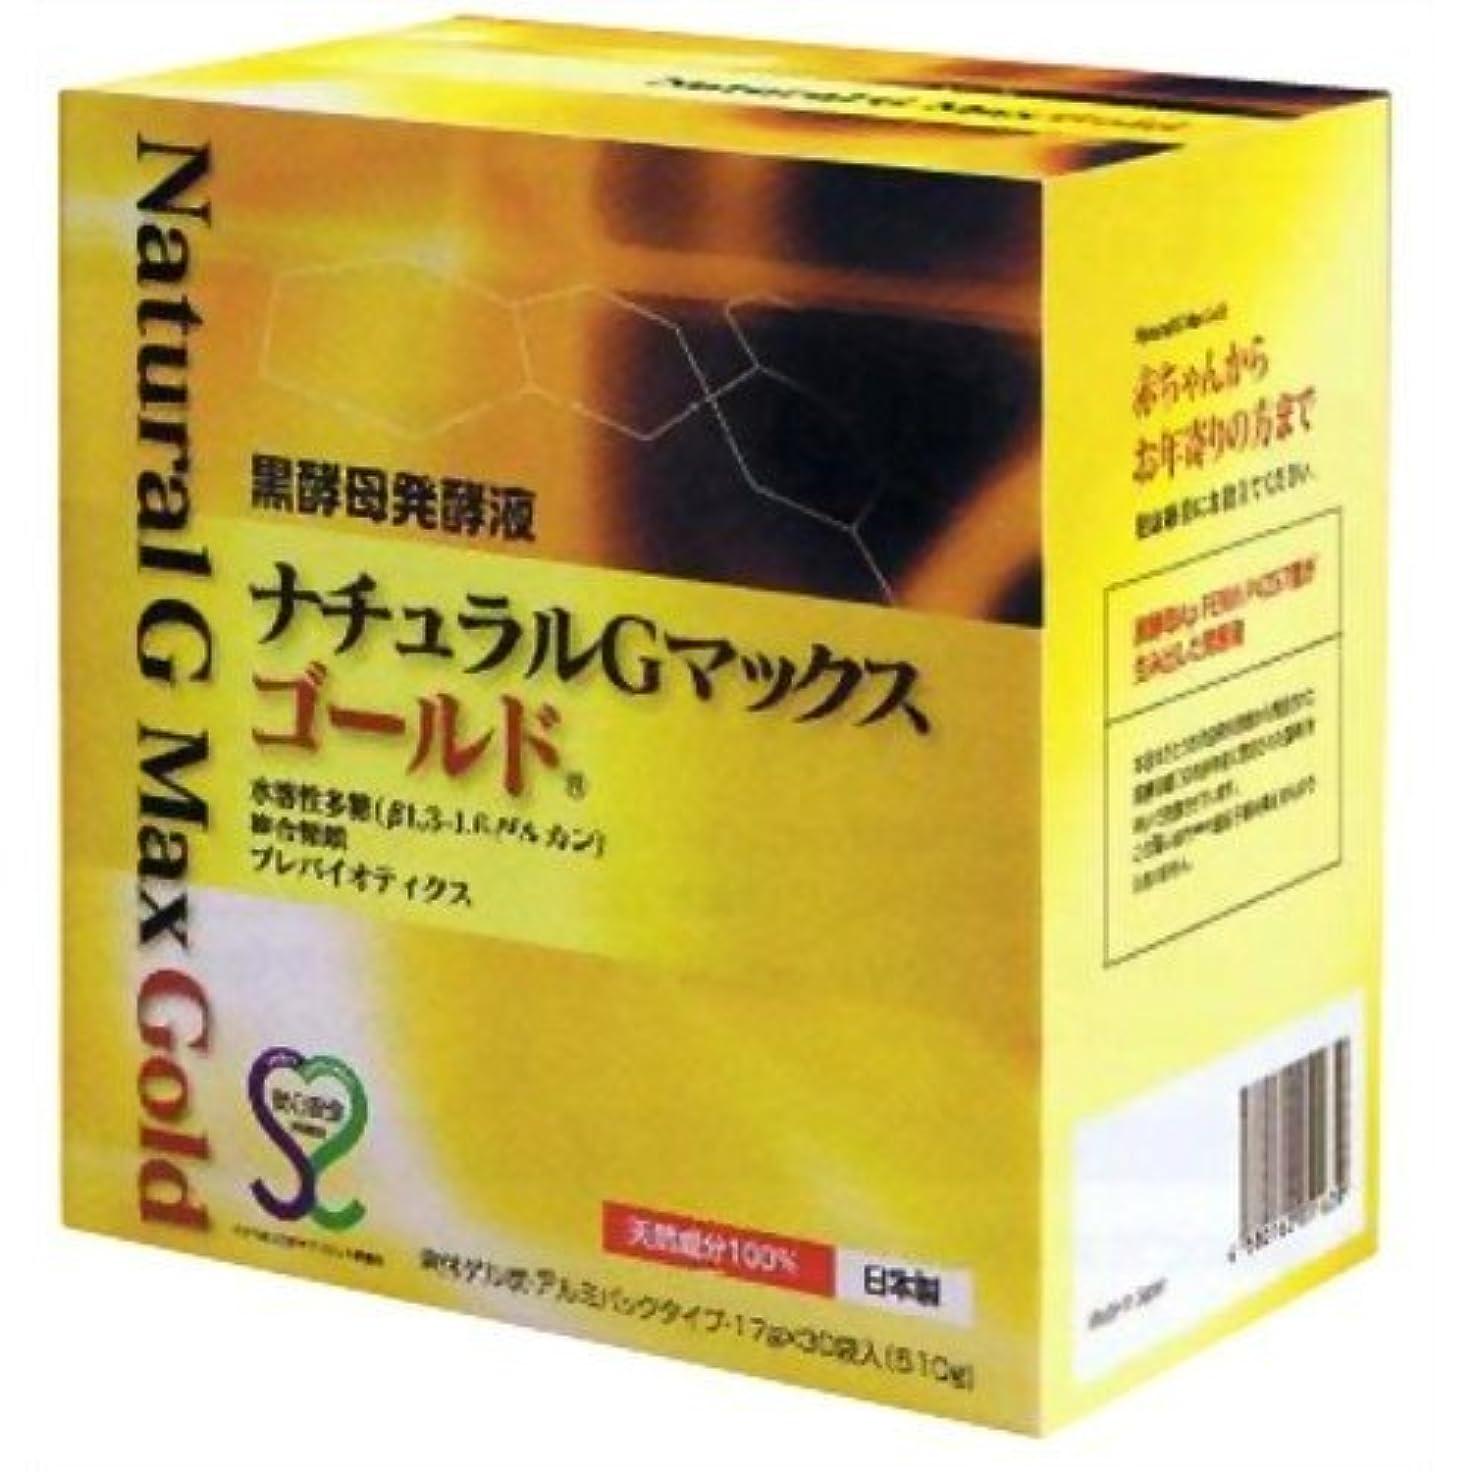 ファイバチーズワイヤー黒酵母発酵液 ナチュラルGマックスゴールド 17g×30袋